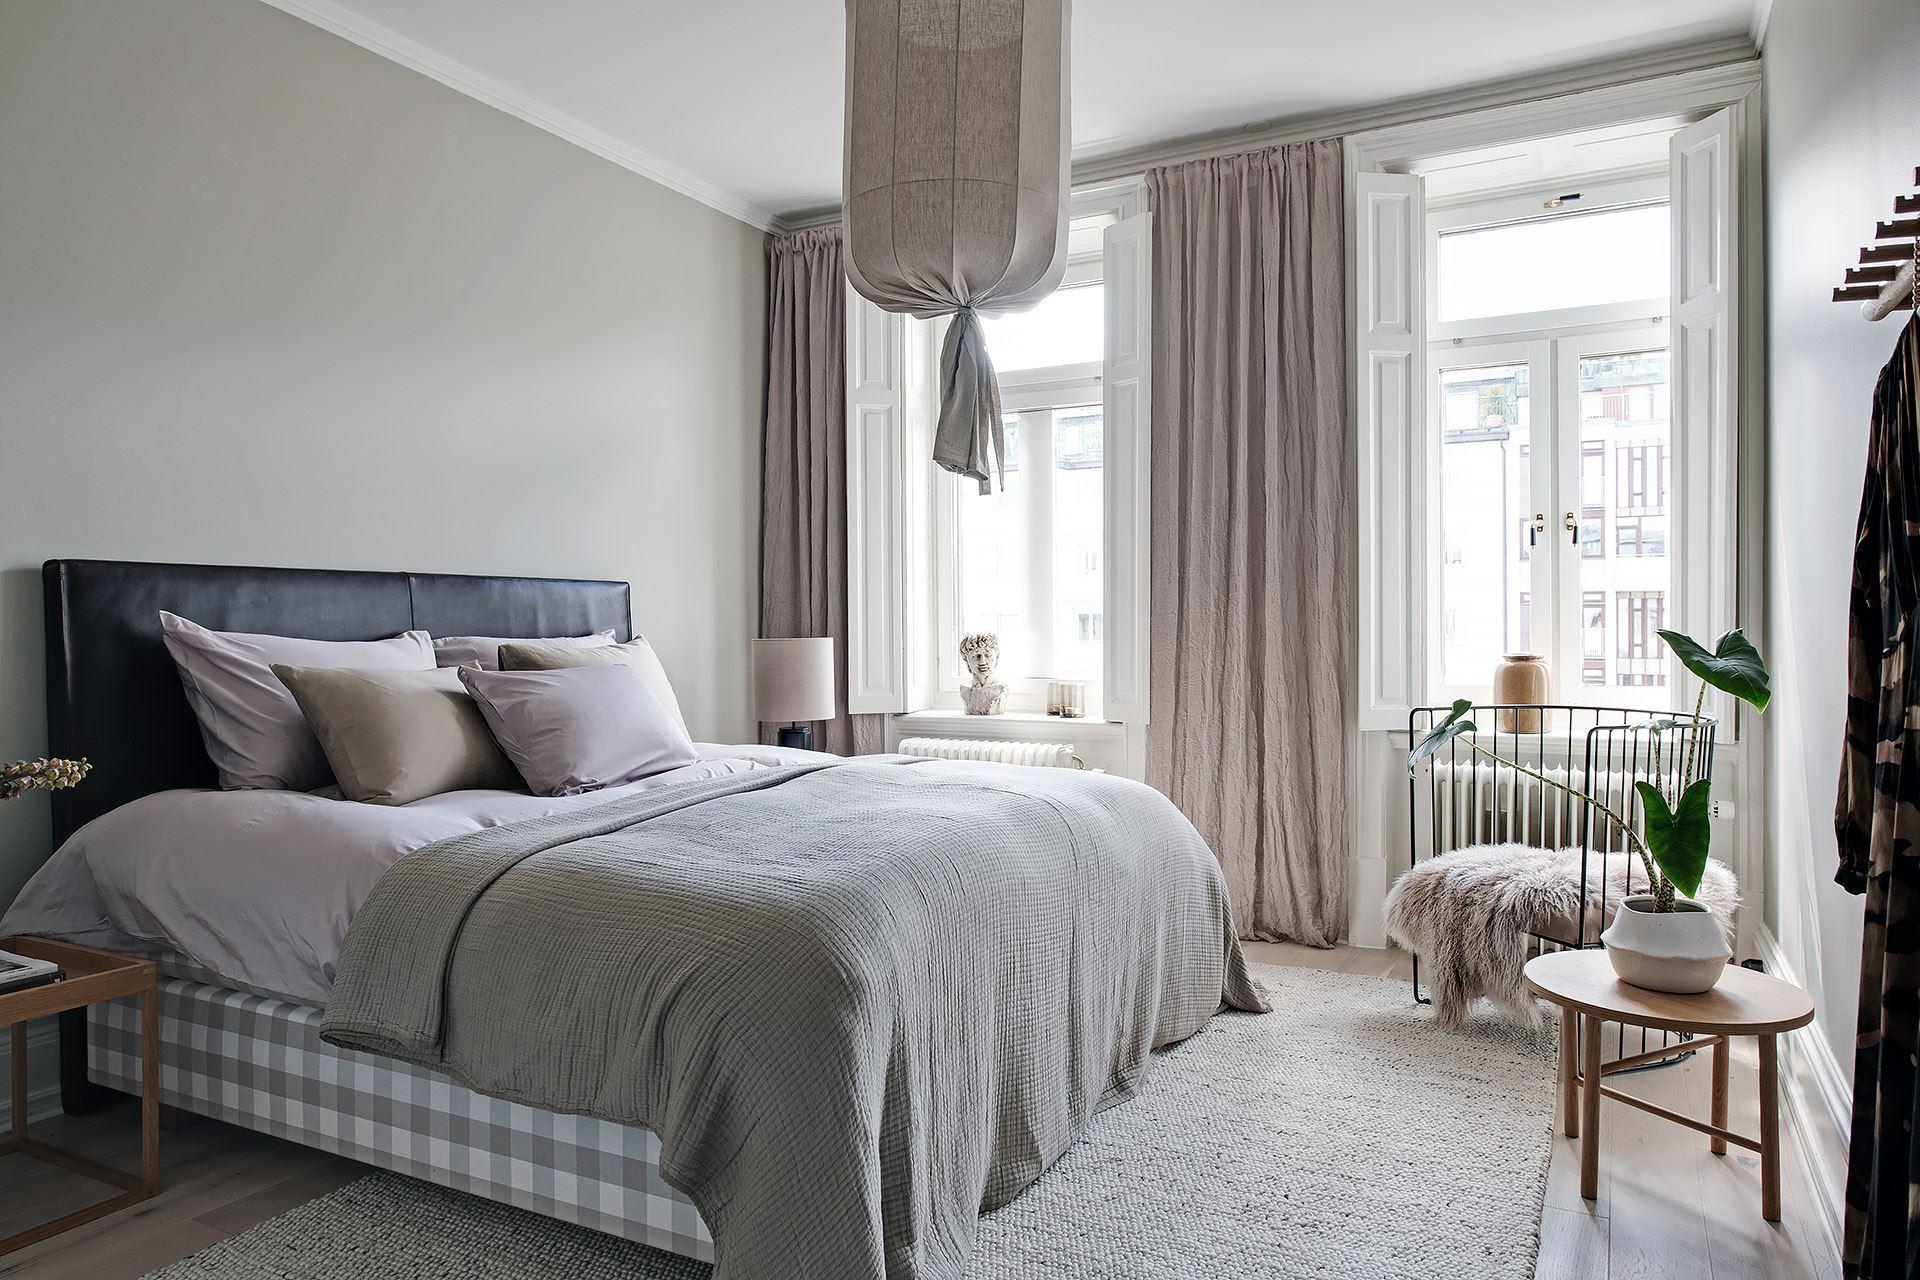 scandinavian feeling bedroom cozy hygge texture 2